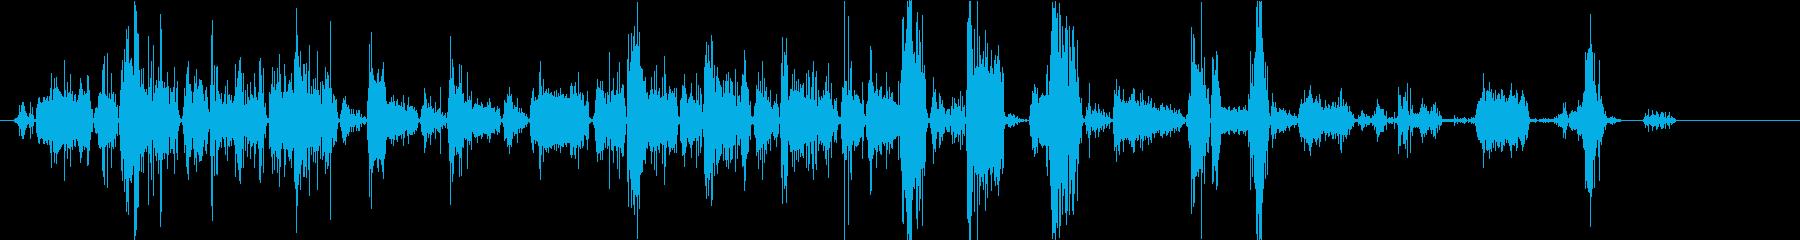 犬、ロットワイラーのうなり声、うな...の再生済みの波形